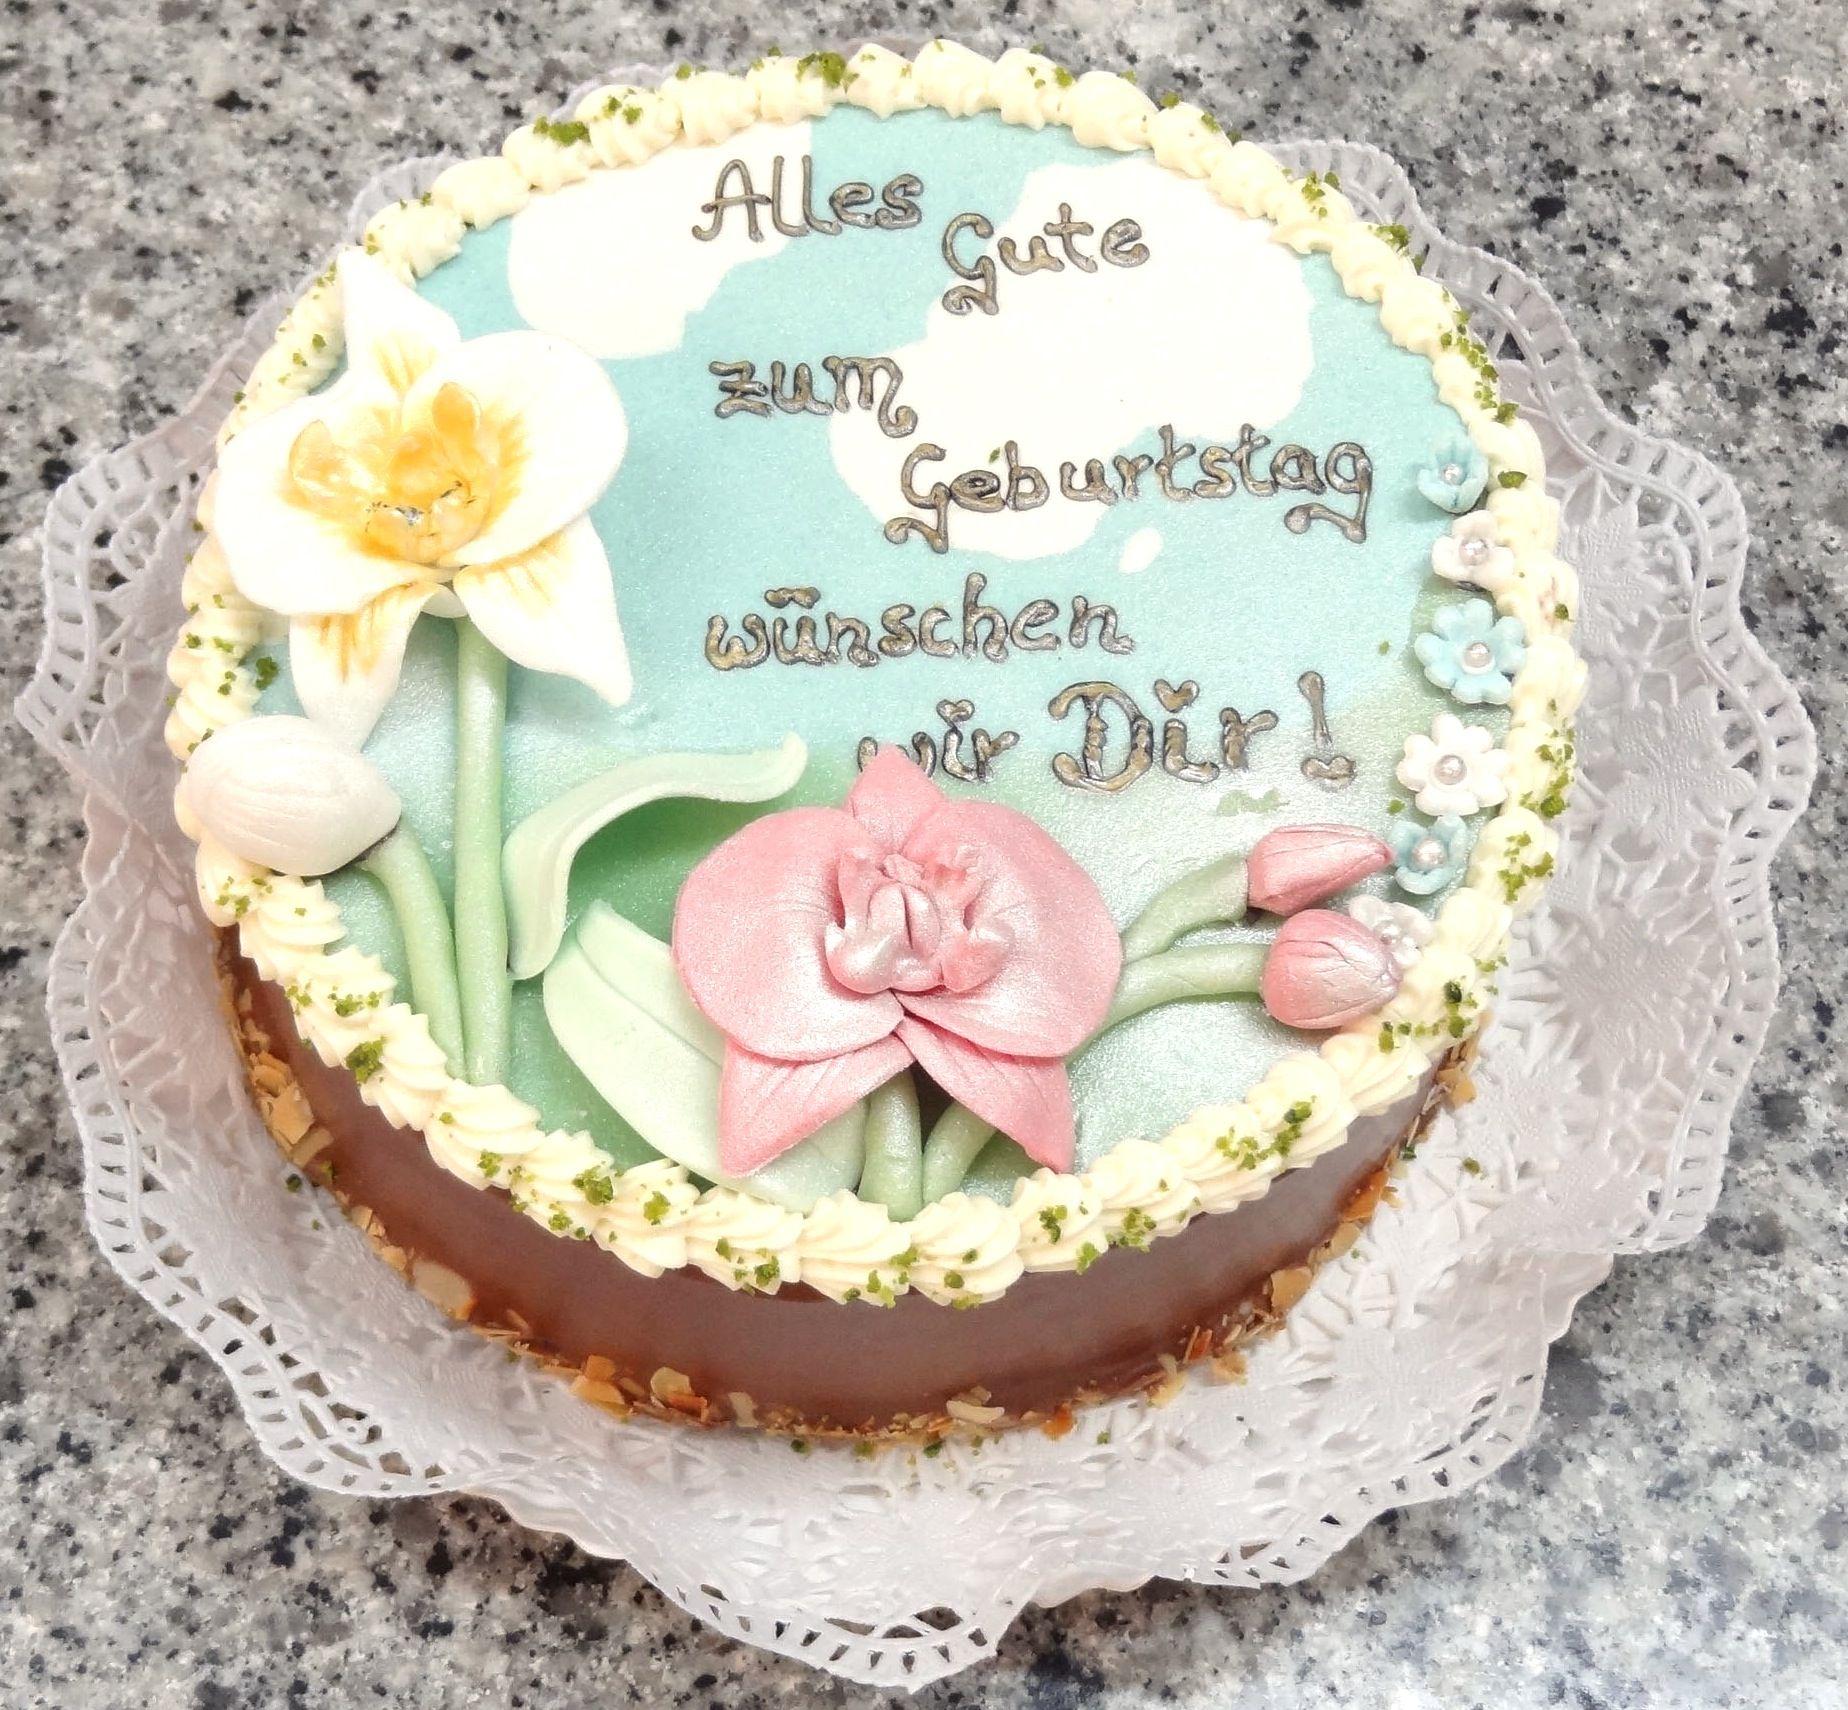 Geburtstagestorte Handgemacht Von Cafe Riese Koln